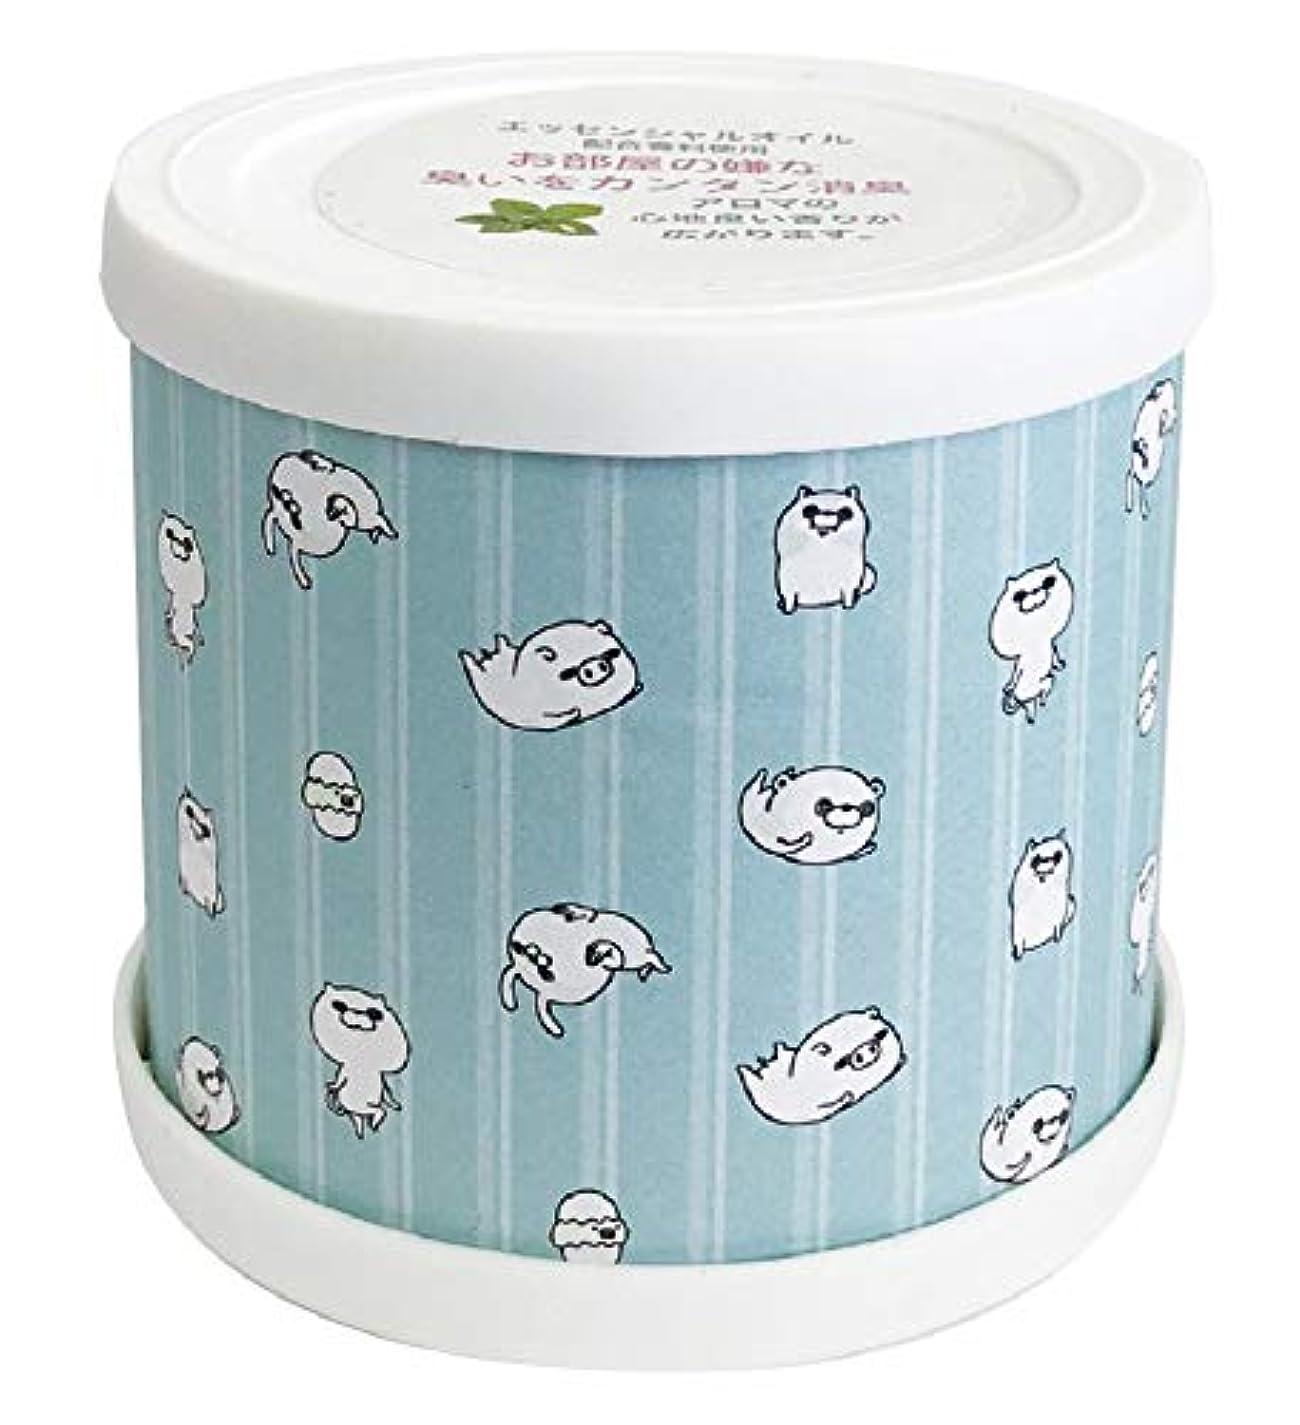 ブランド名気をつけてアレルギー性ヨッシースタンプ フレグランスジェル パターン青 置き型 消臭成分配合 グリーンティーの香り ABD-021-001